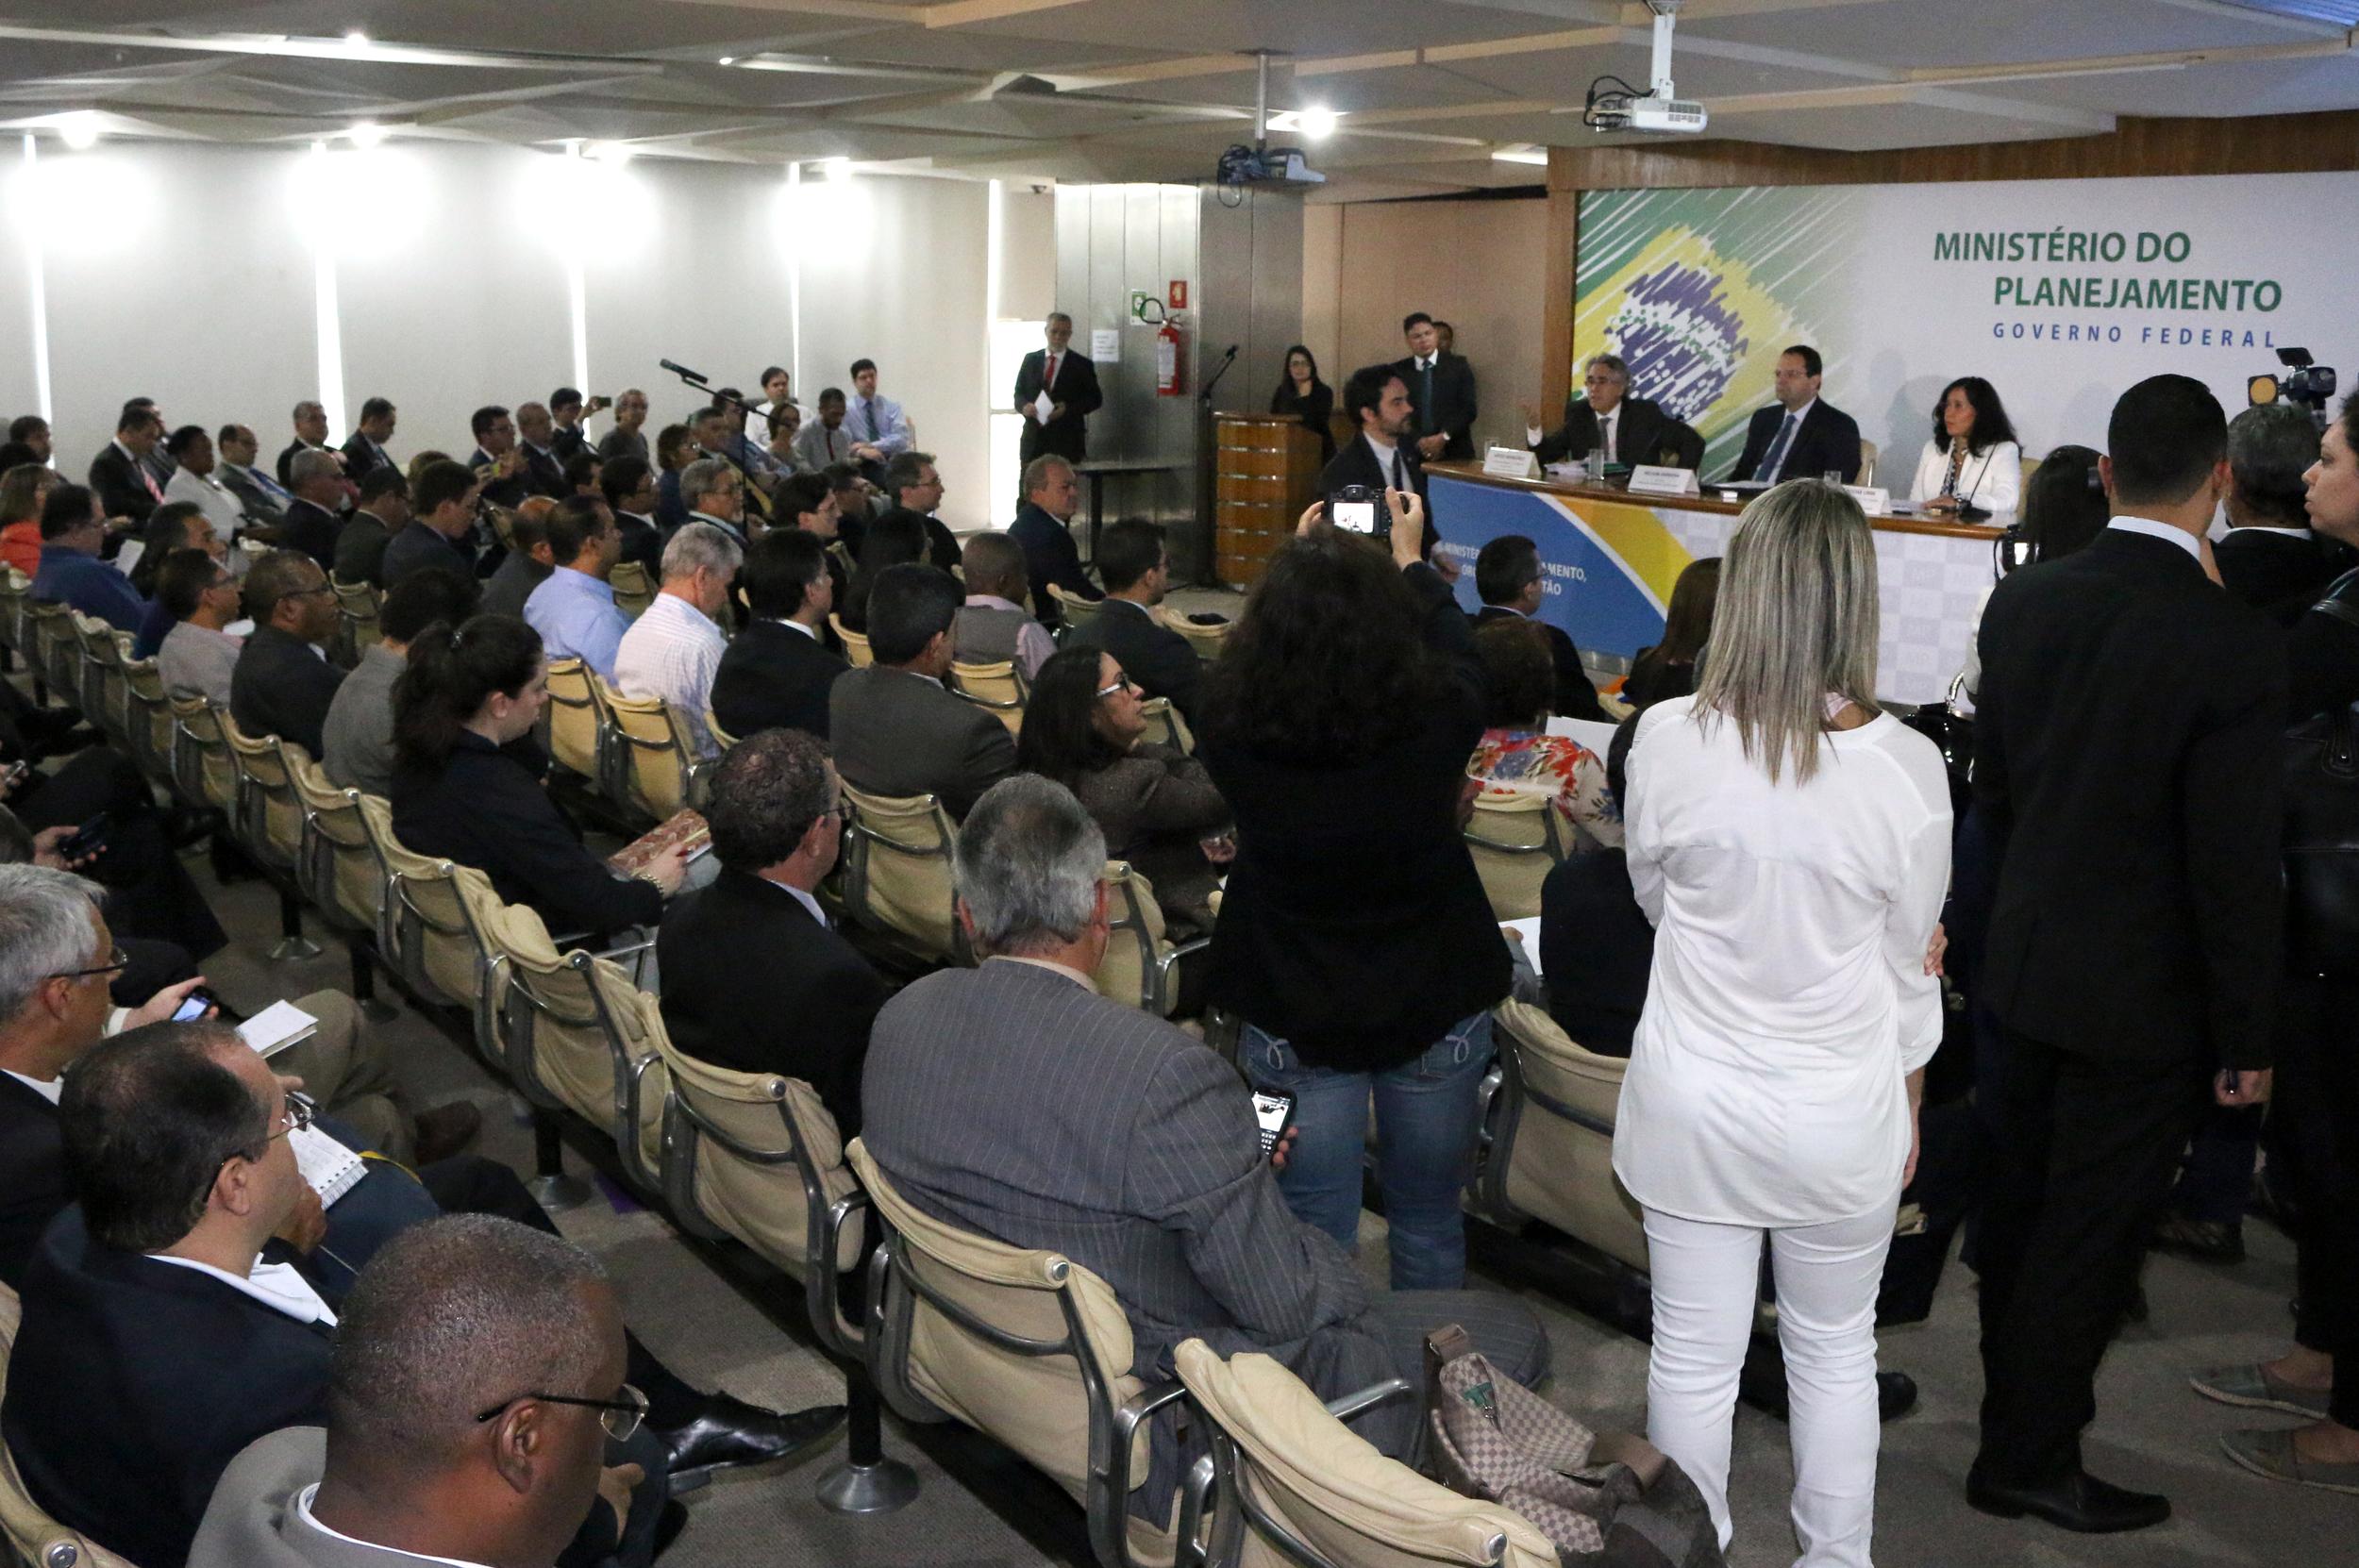 Reunião contou com a presença de quase 100 representantes de servidores públicos. Foto: Filipe Calmon / ANESP